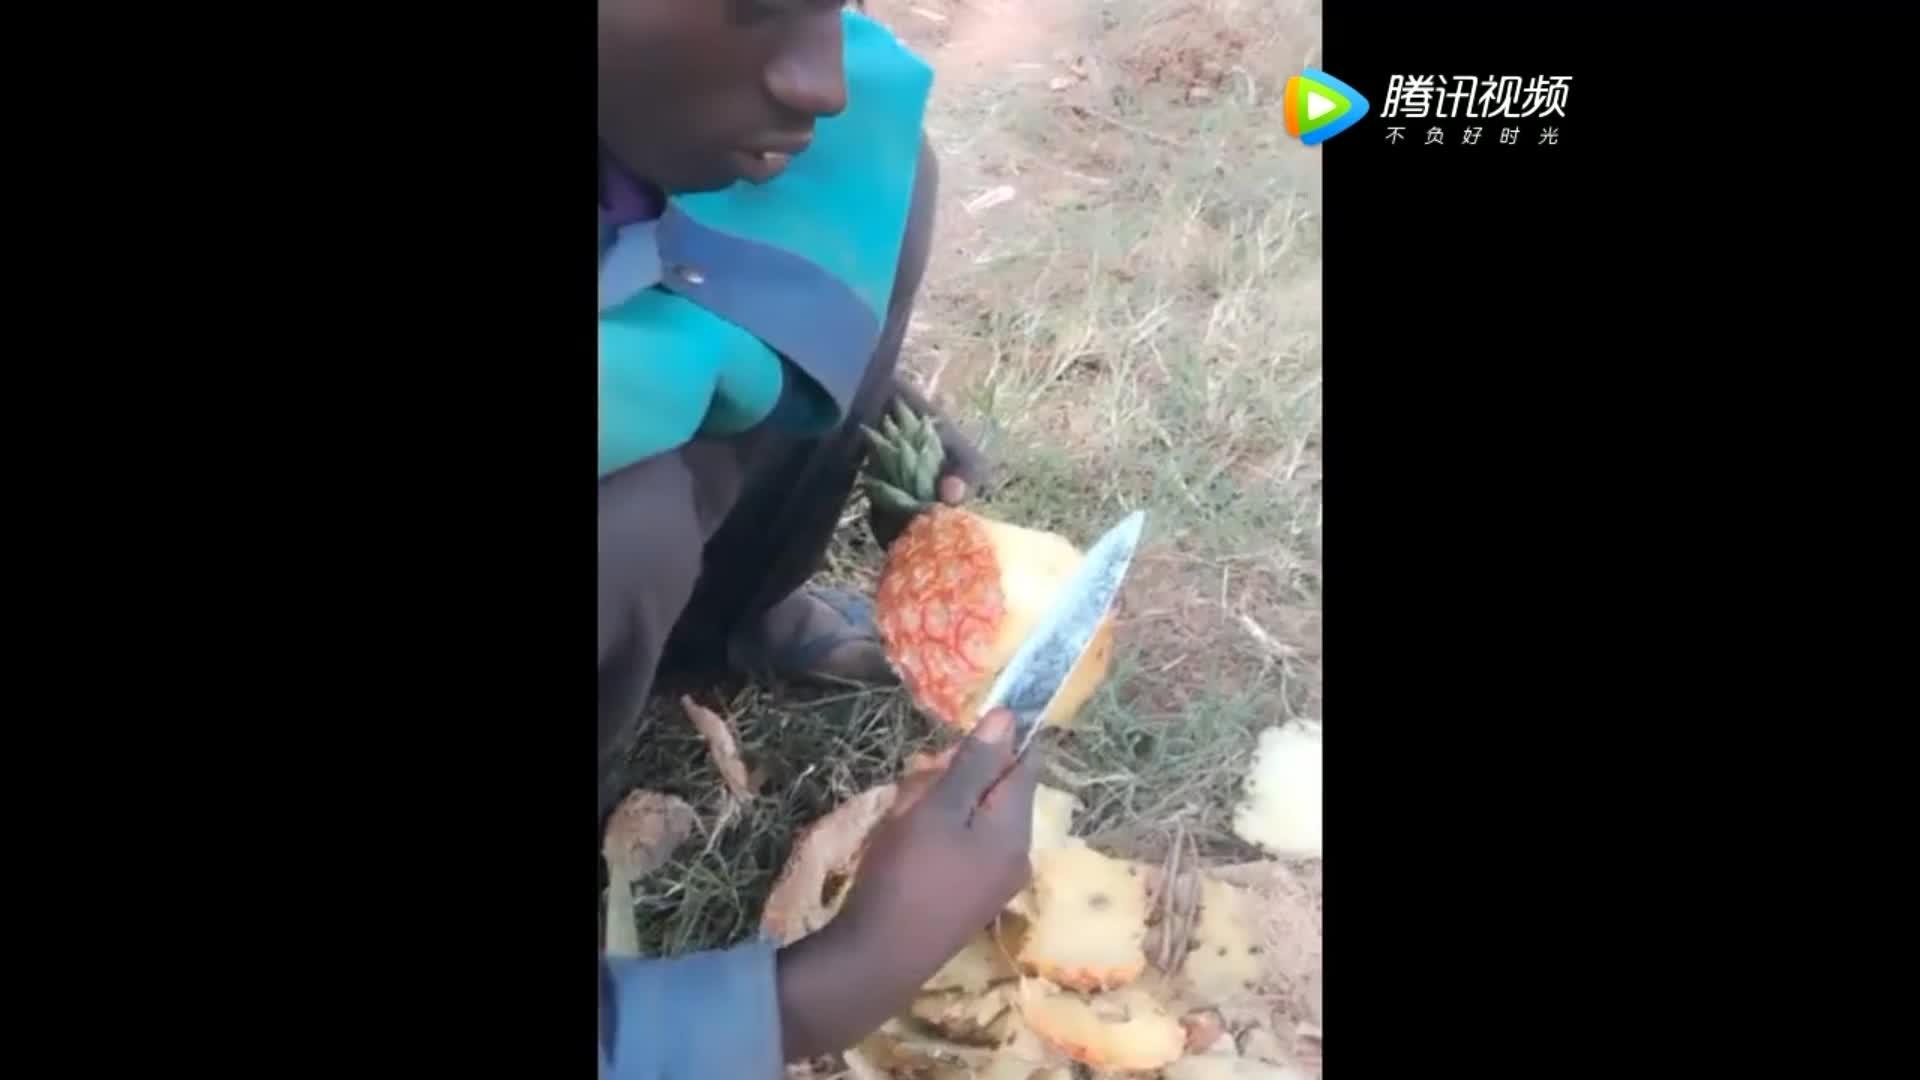 非洲小哥第一次吃菠萝看他切了两刀后实在忍住笑了出来